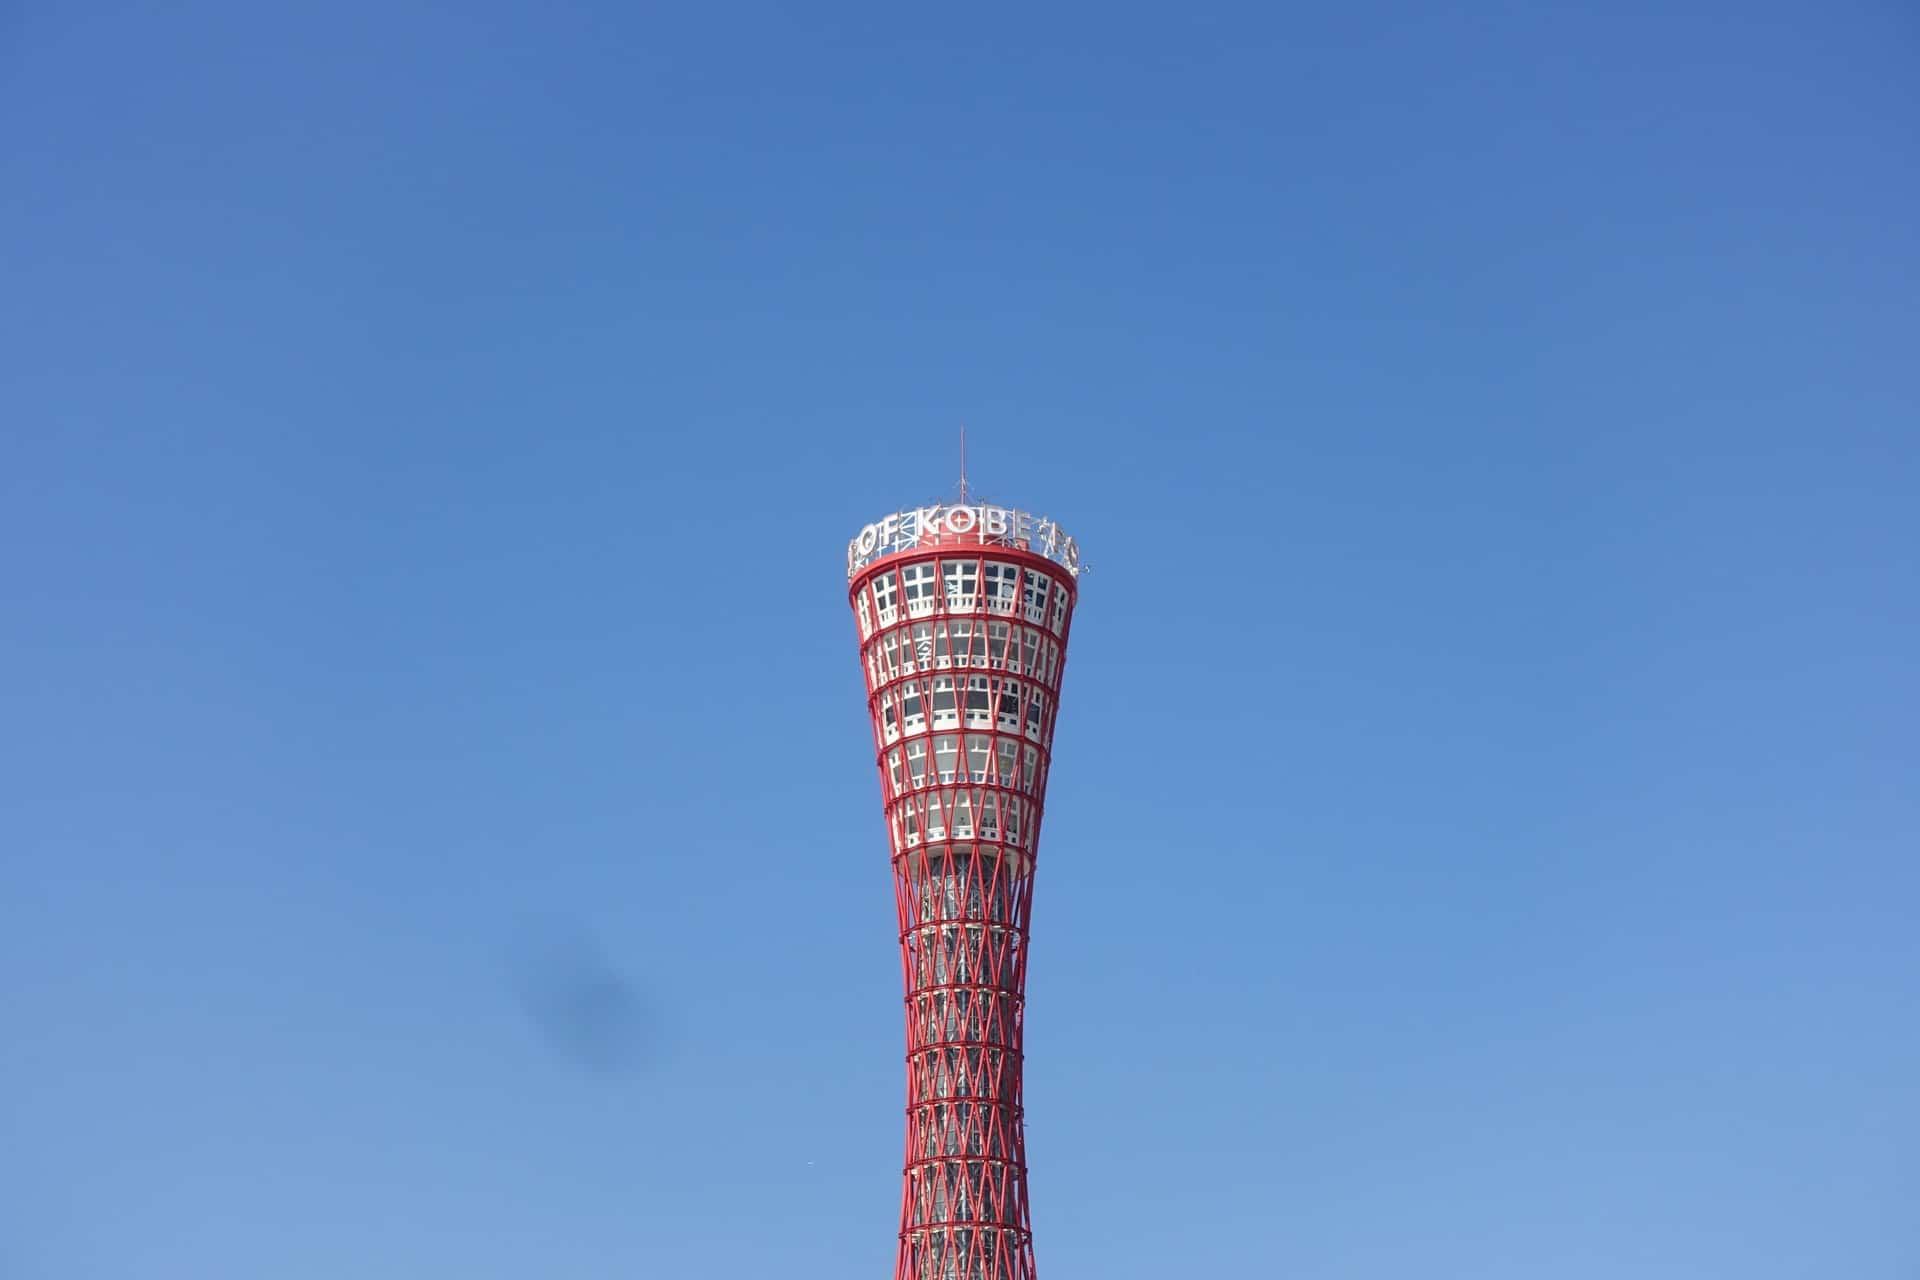 「アベンジャーズ」とコラボ!神戸ポートタワーのライトアップが5日間限定で6色に変化するよ